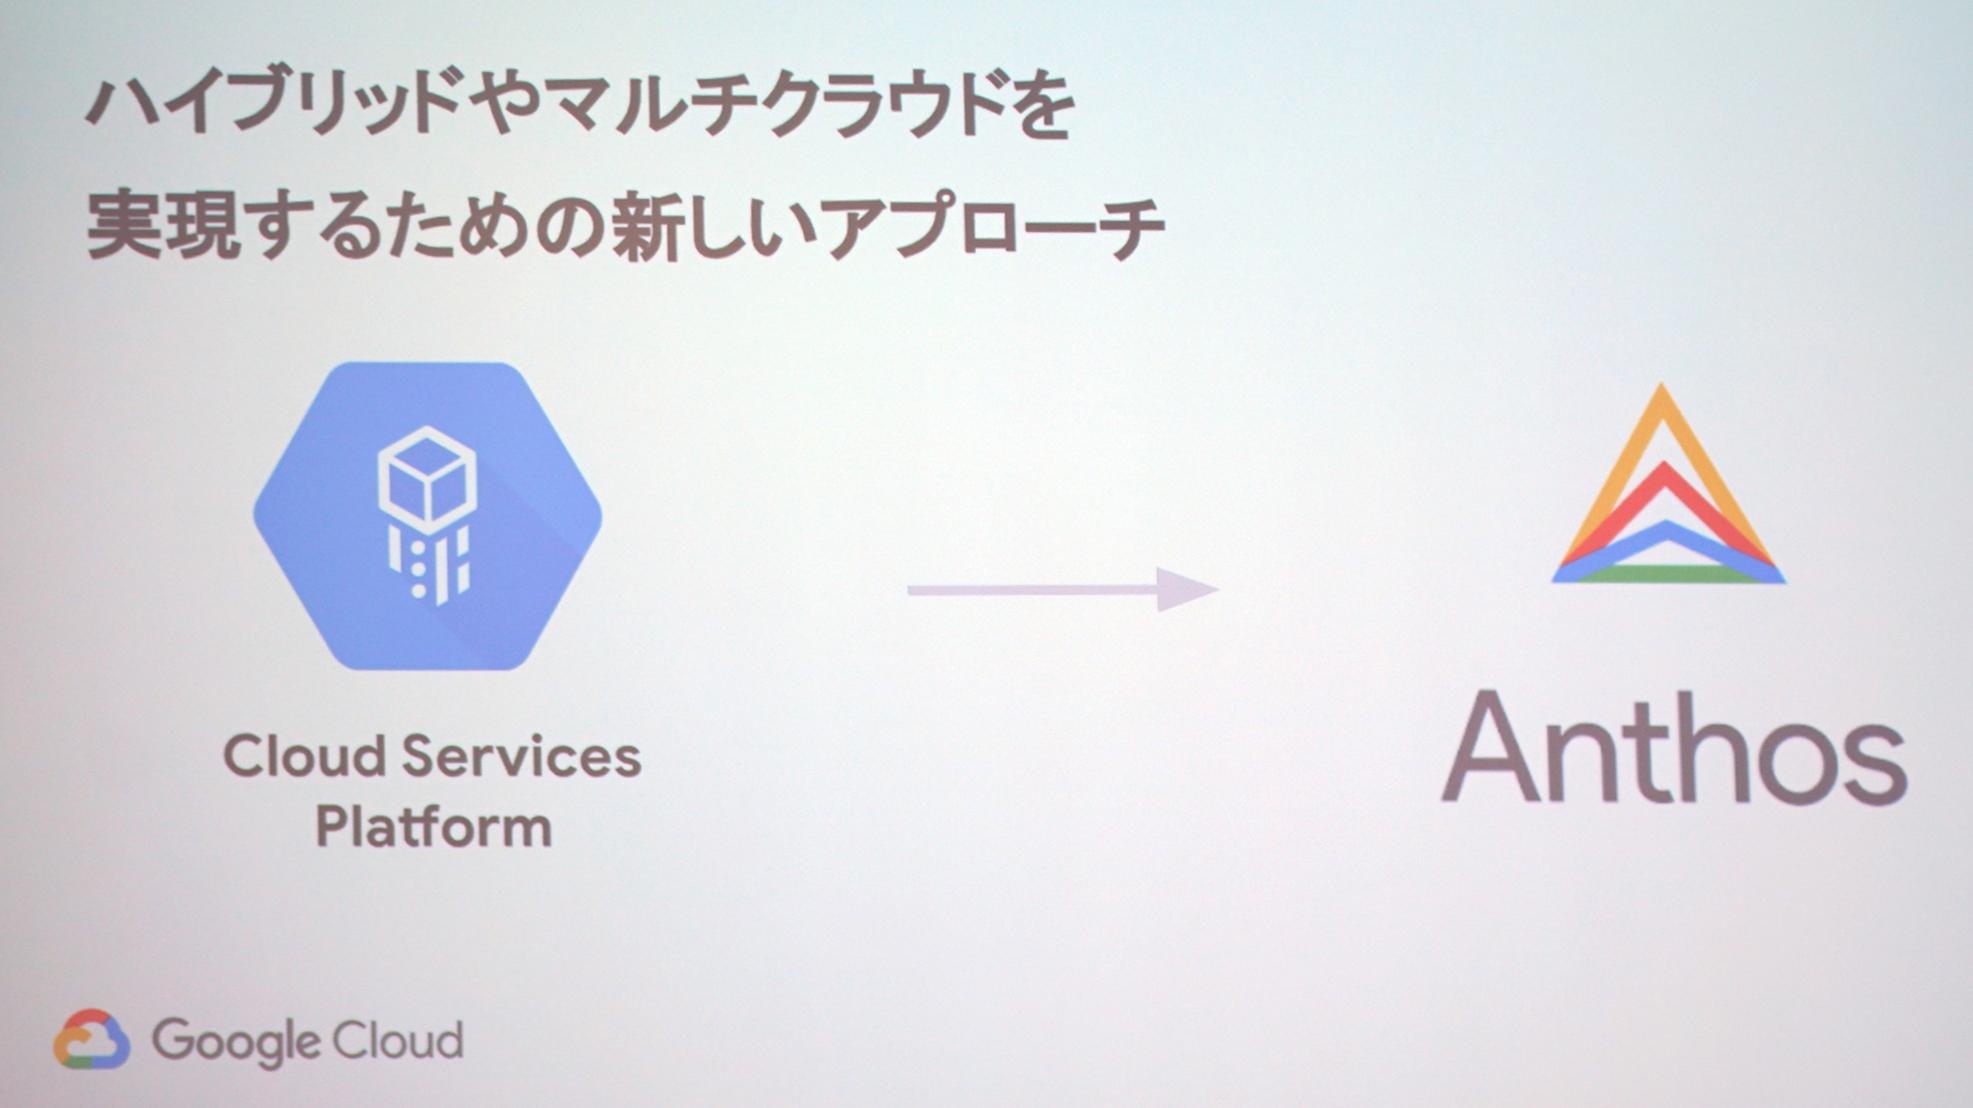 Google、ハイブリッドクラウド「Anthos」でAWSやAzureを統合可能に